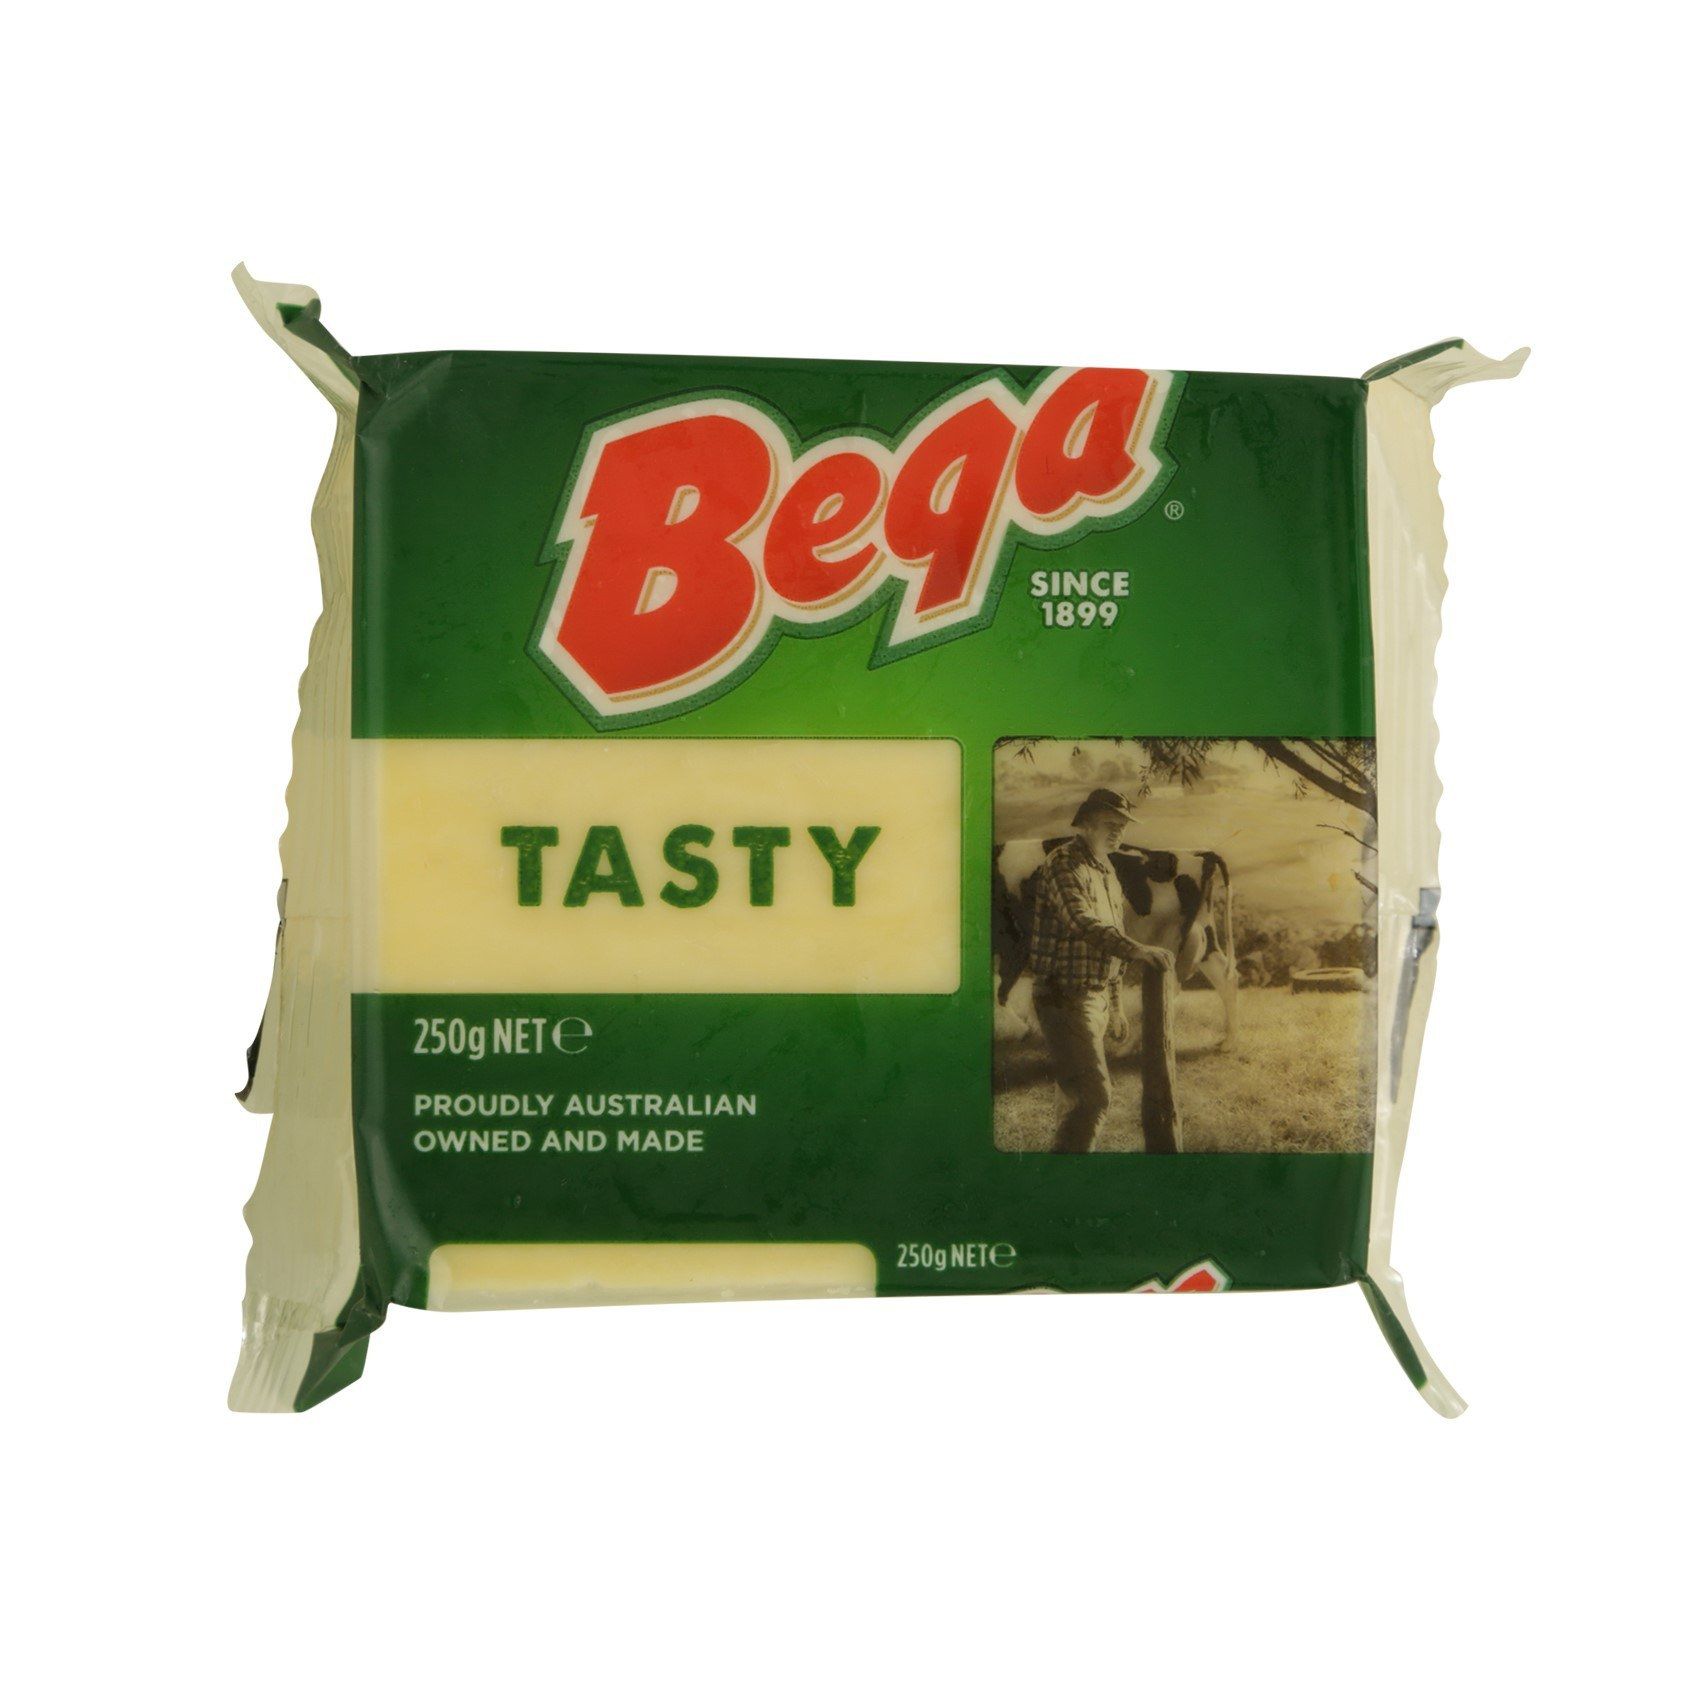 BEGA CHEDDAR TASTY 250G